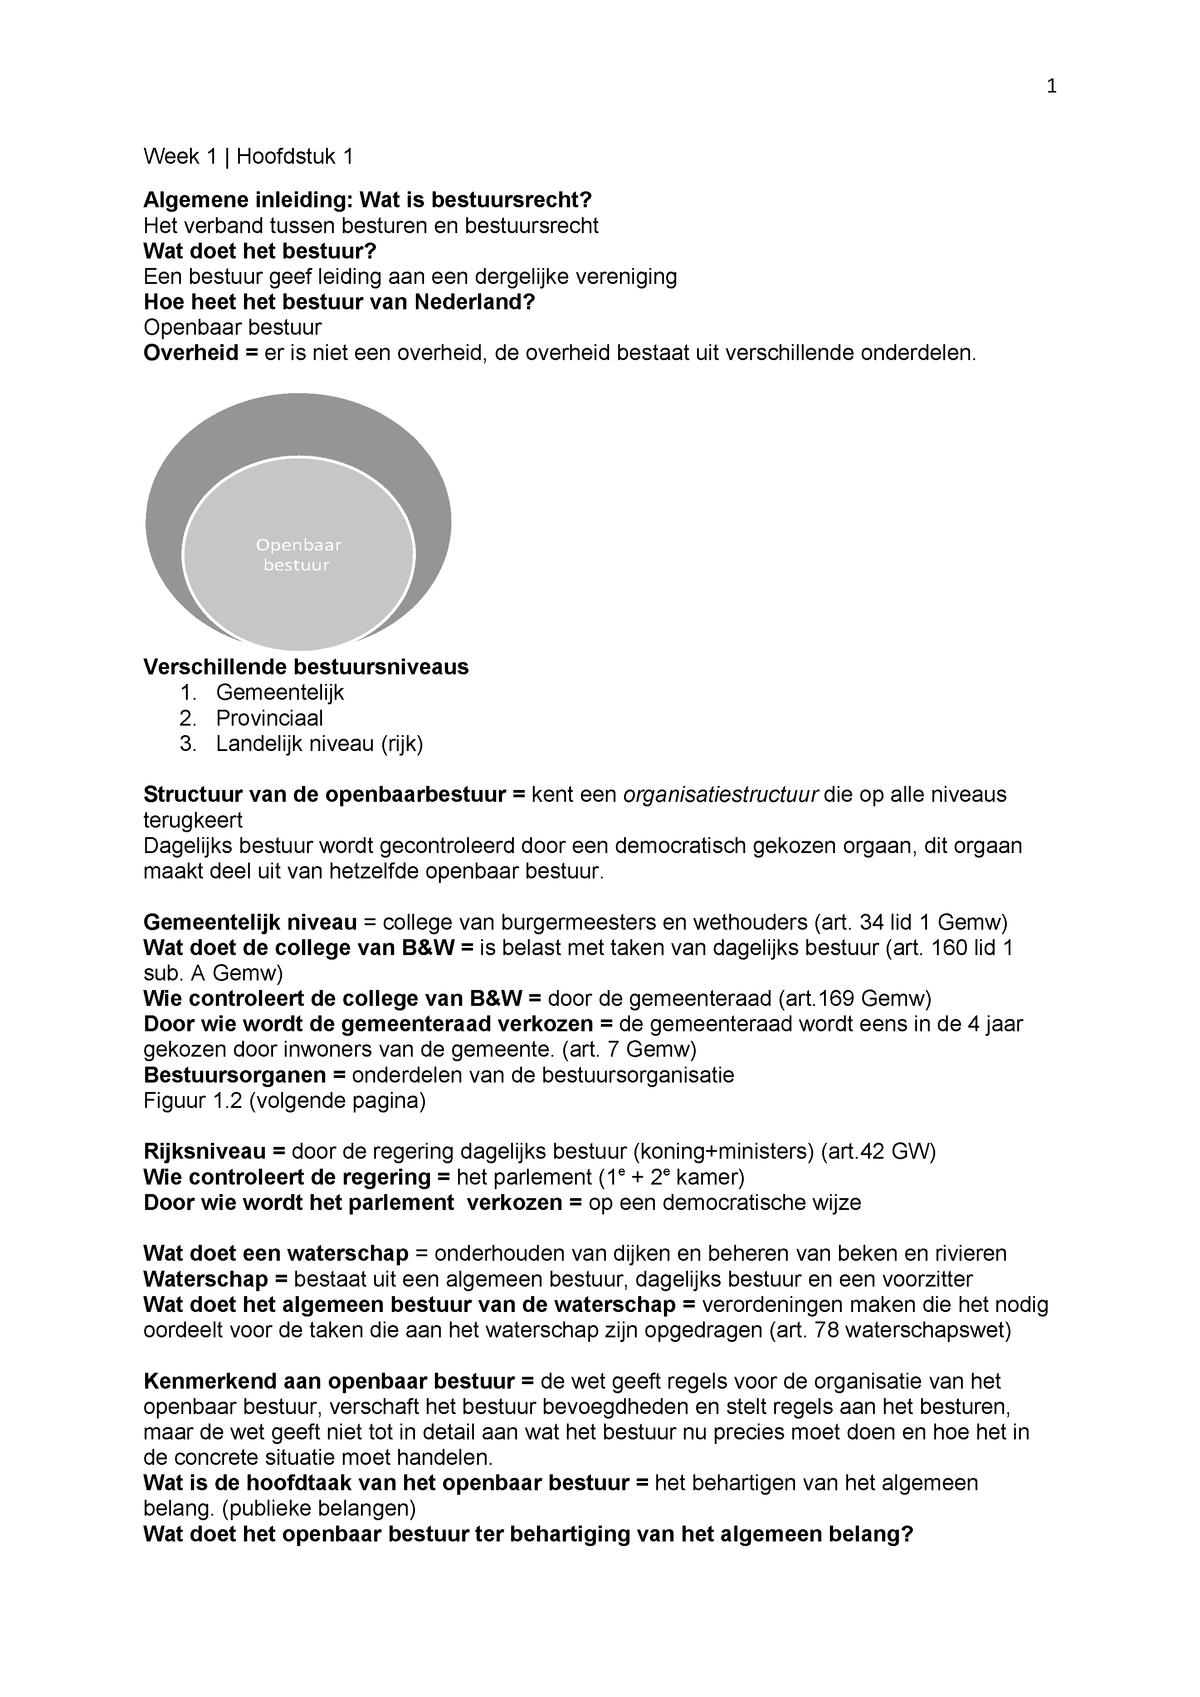 Samenvatting Juridische Hogeschool P3 Bestuursrecht Studocu